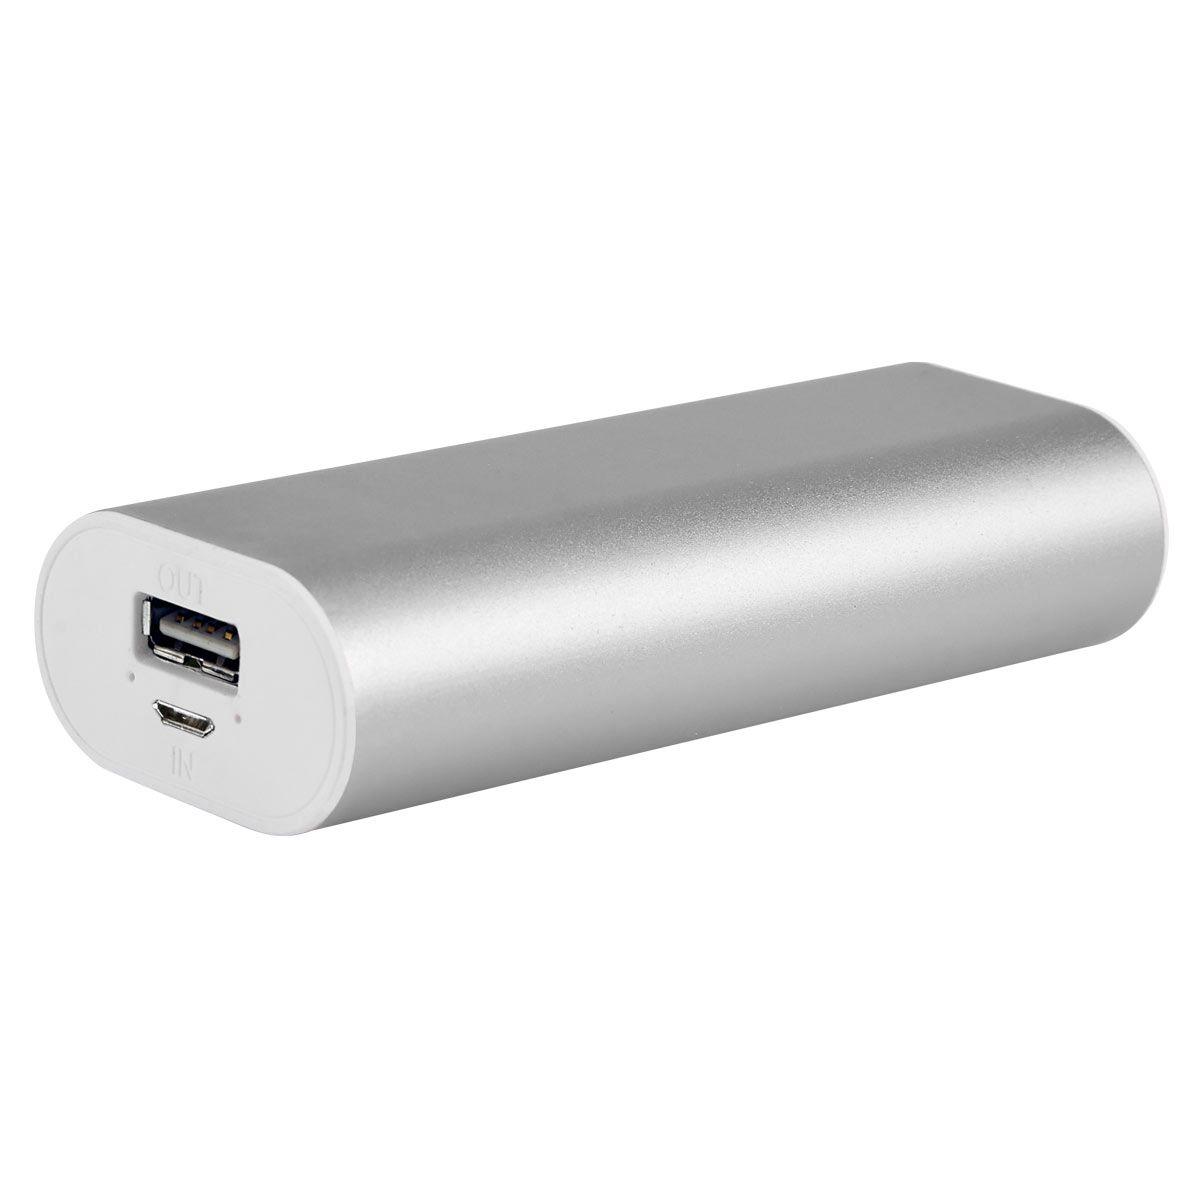 Bateria portatil 3,000 mAh  Ap-060